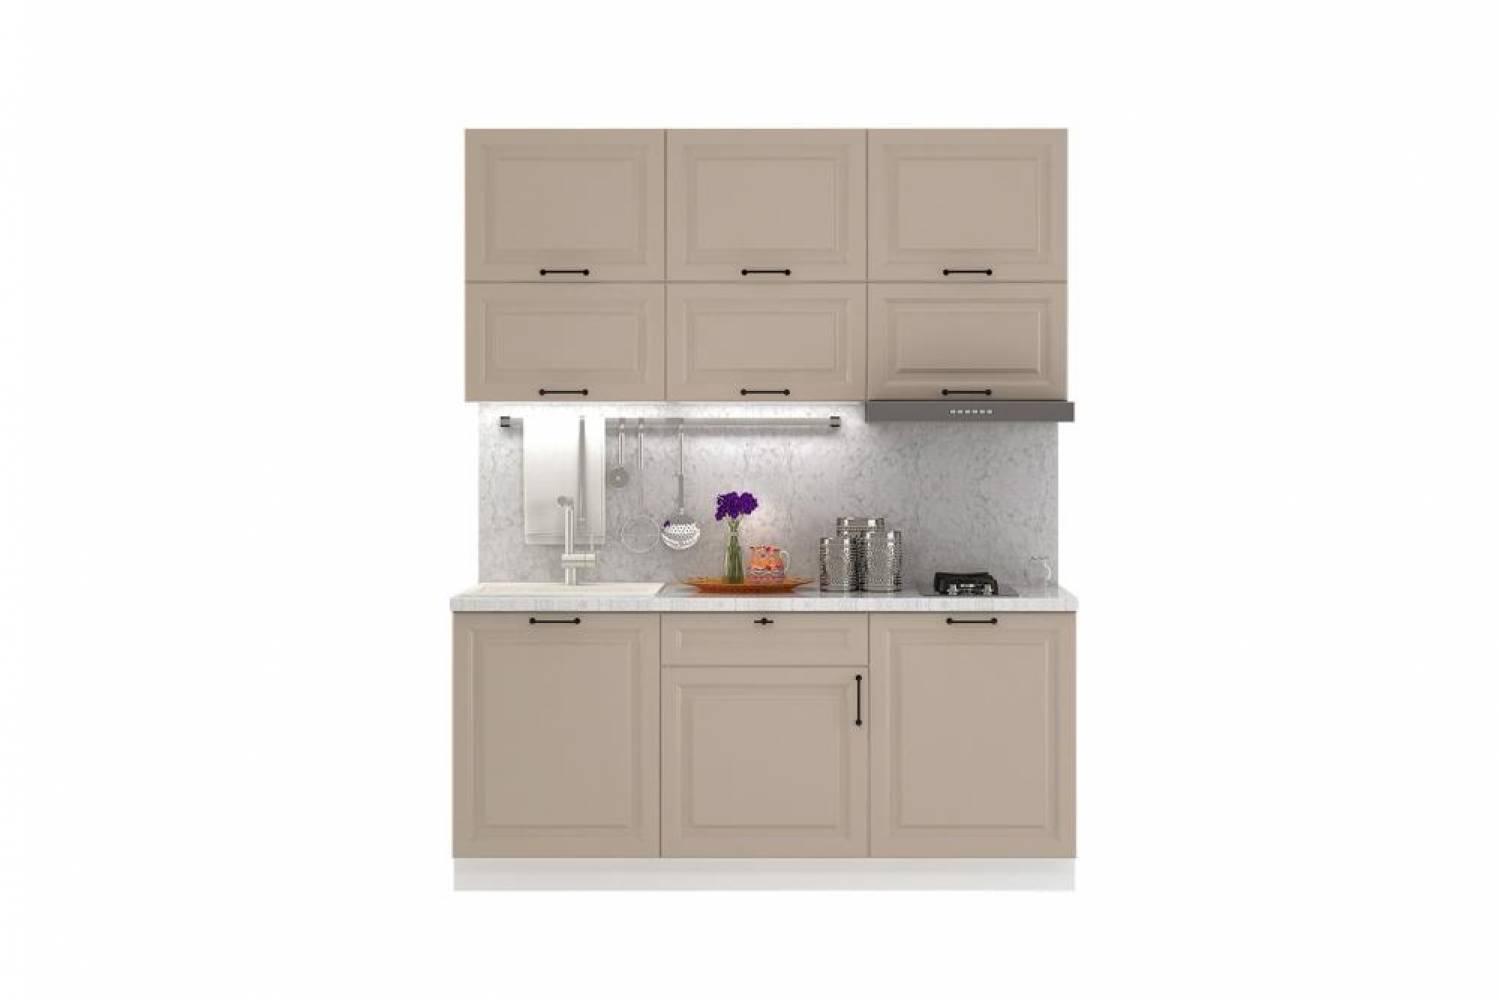 Кухня НИЦЦА ROYAL (OMNIA) Сурская мебель